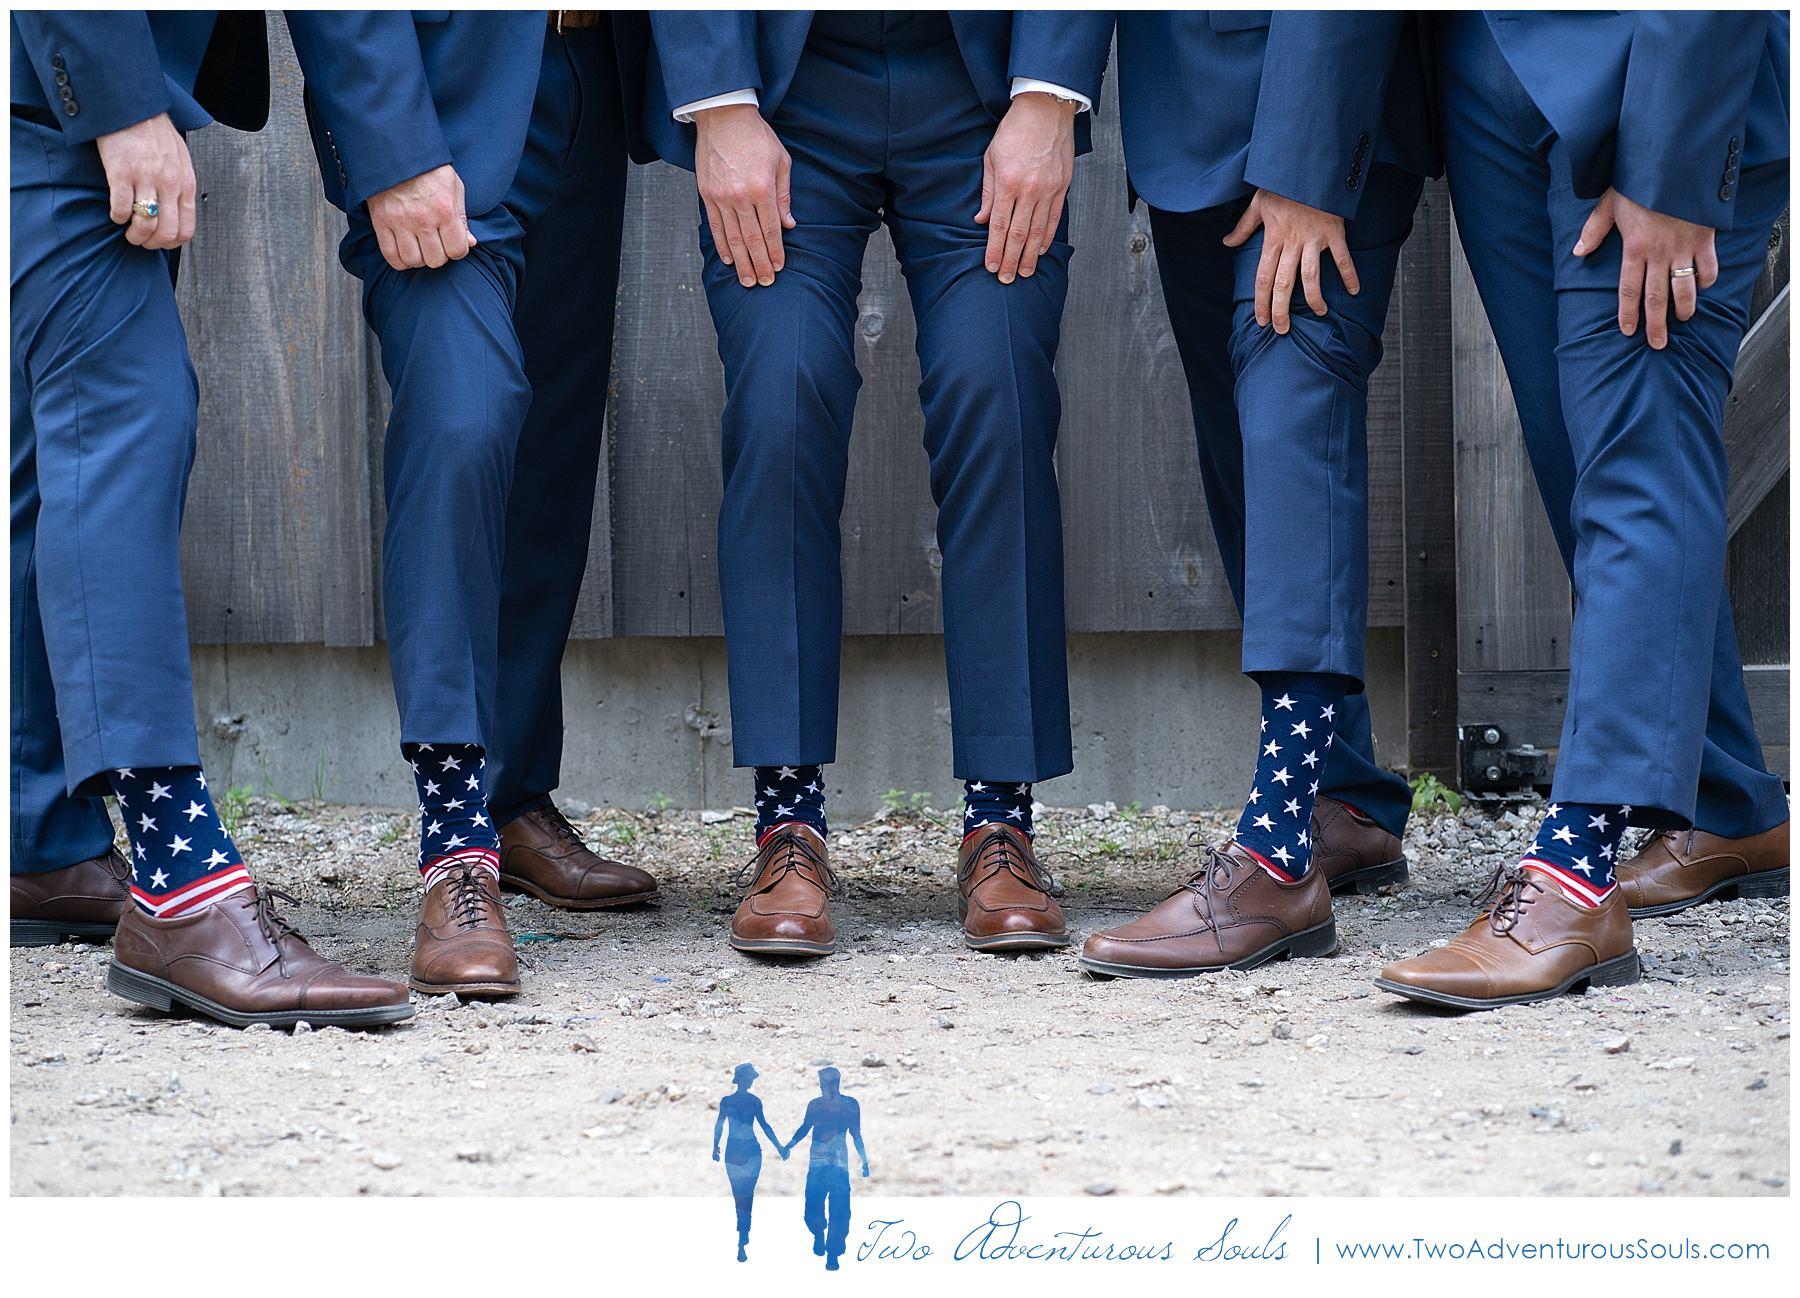 Maine Wedding Photographers, Granite Ridge Estate Wedding Photographers, Two Adventurous Souls - 080319_0017.jpg